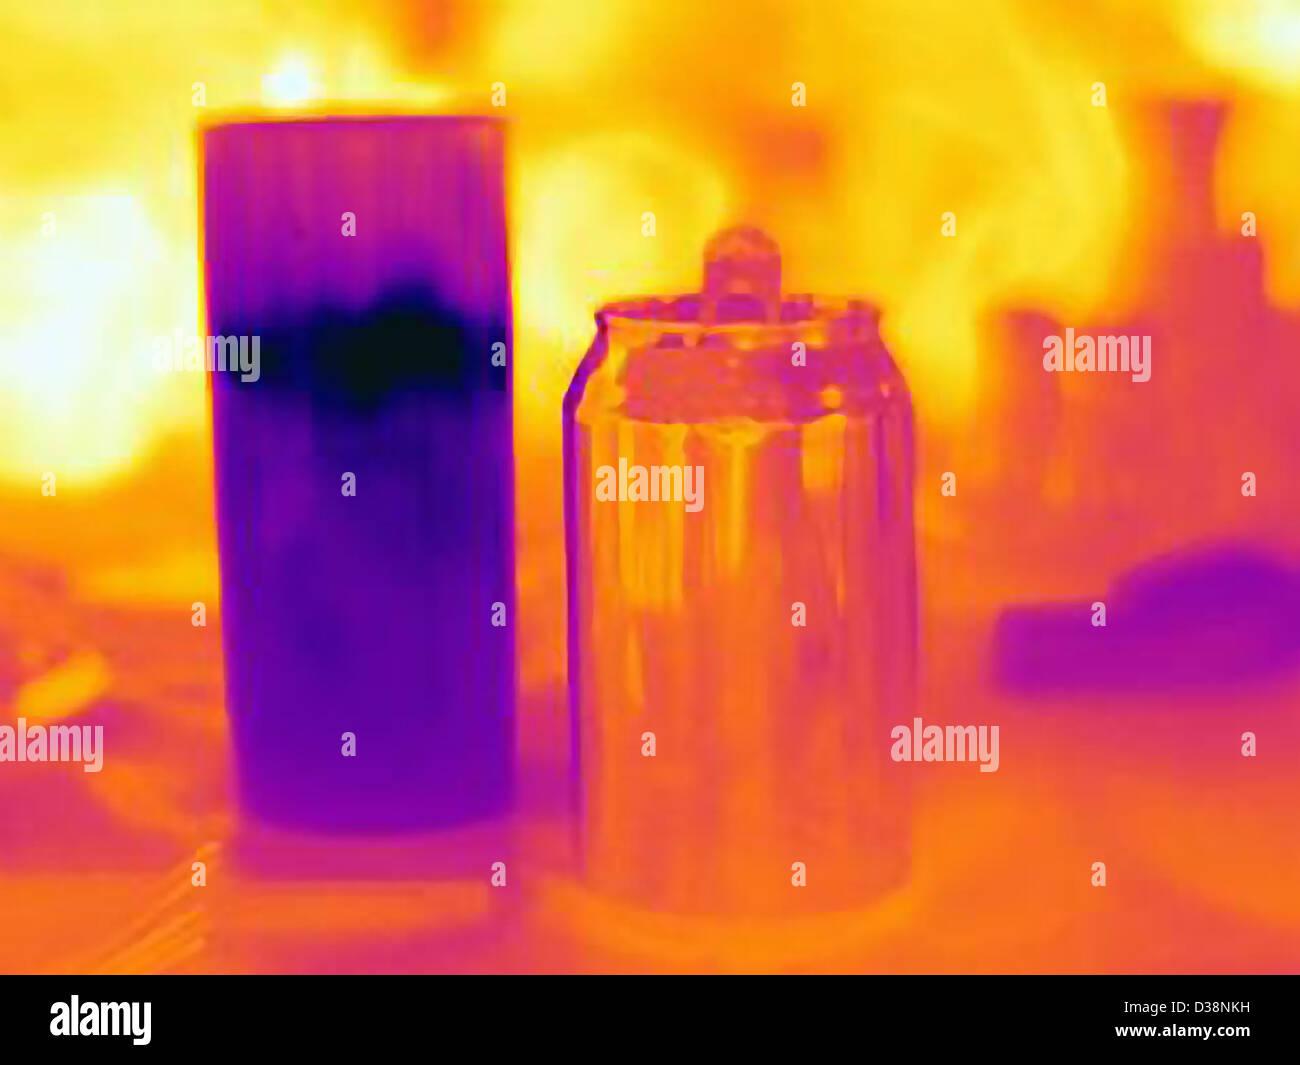 Wärmebild der Kerze und kann Stockbild